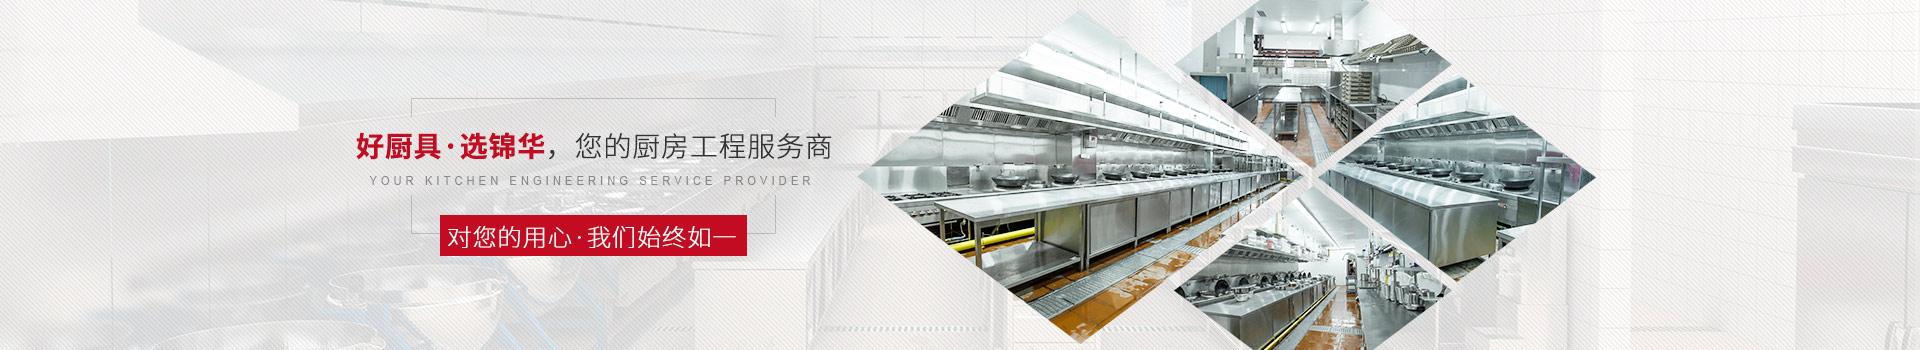 锦华厨具-好厨具,选锦华,您的厨房工程服务商